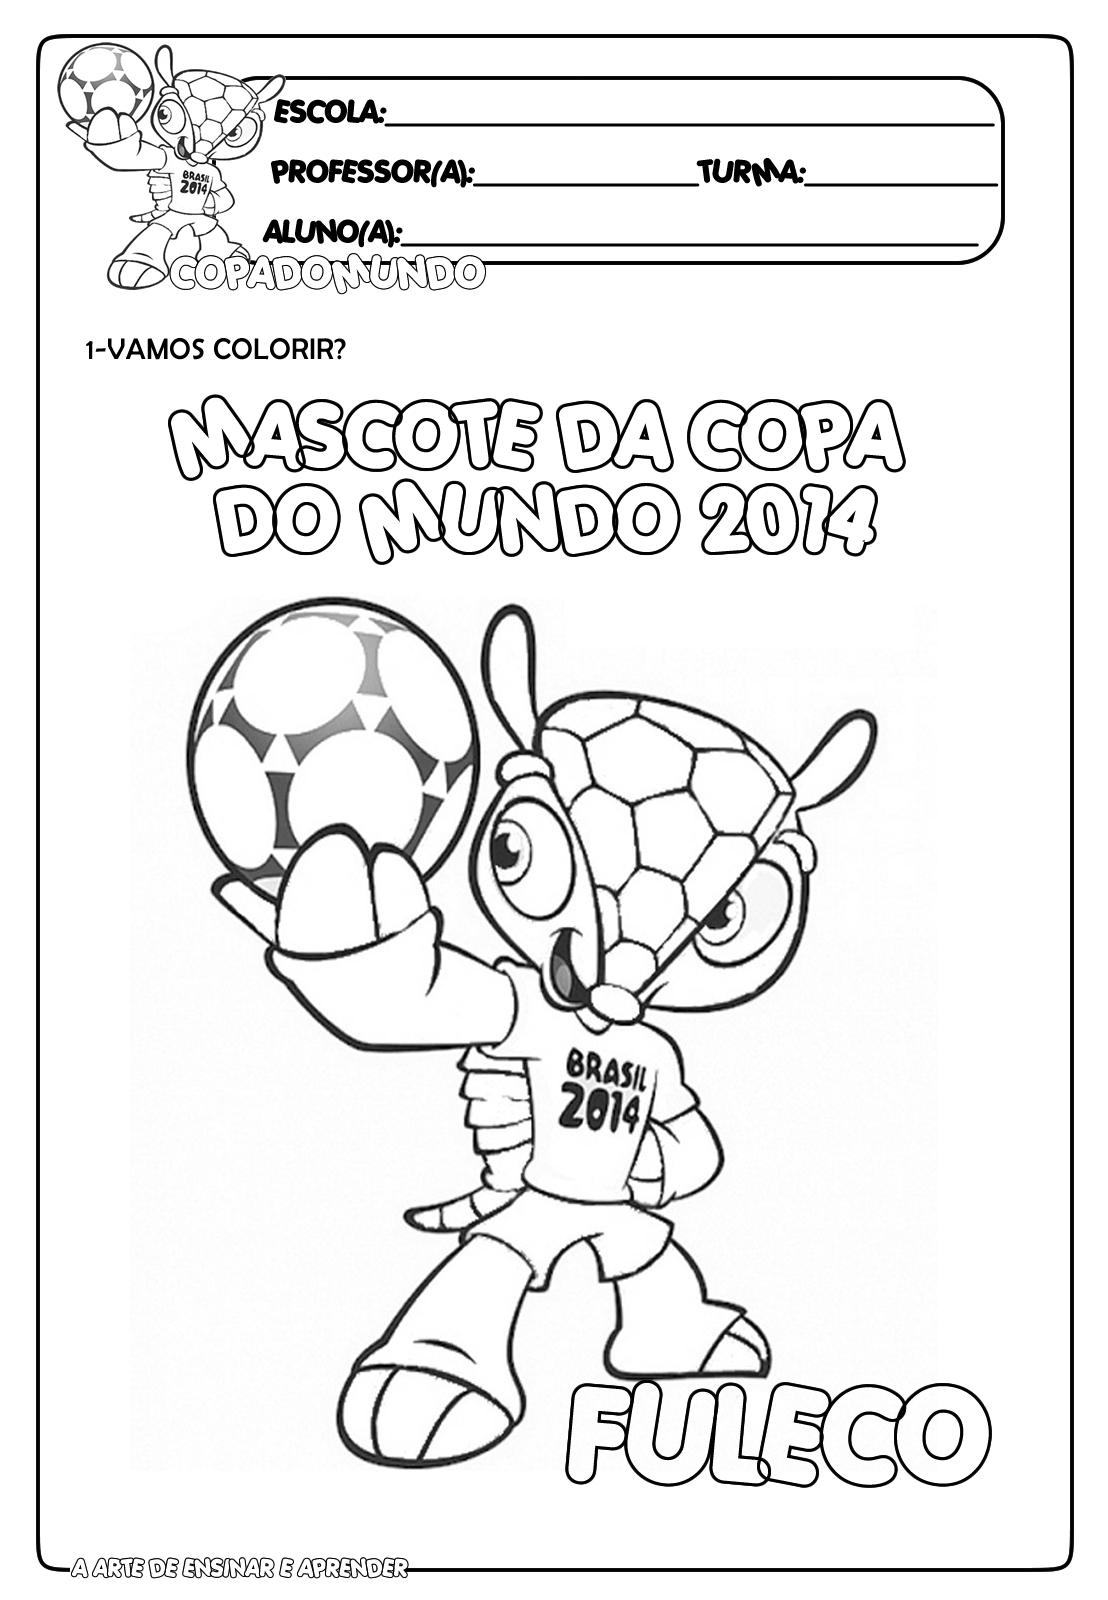 E M  Vereador Carlos Pereira Neto  Mascote Da Copa 2014